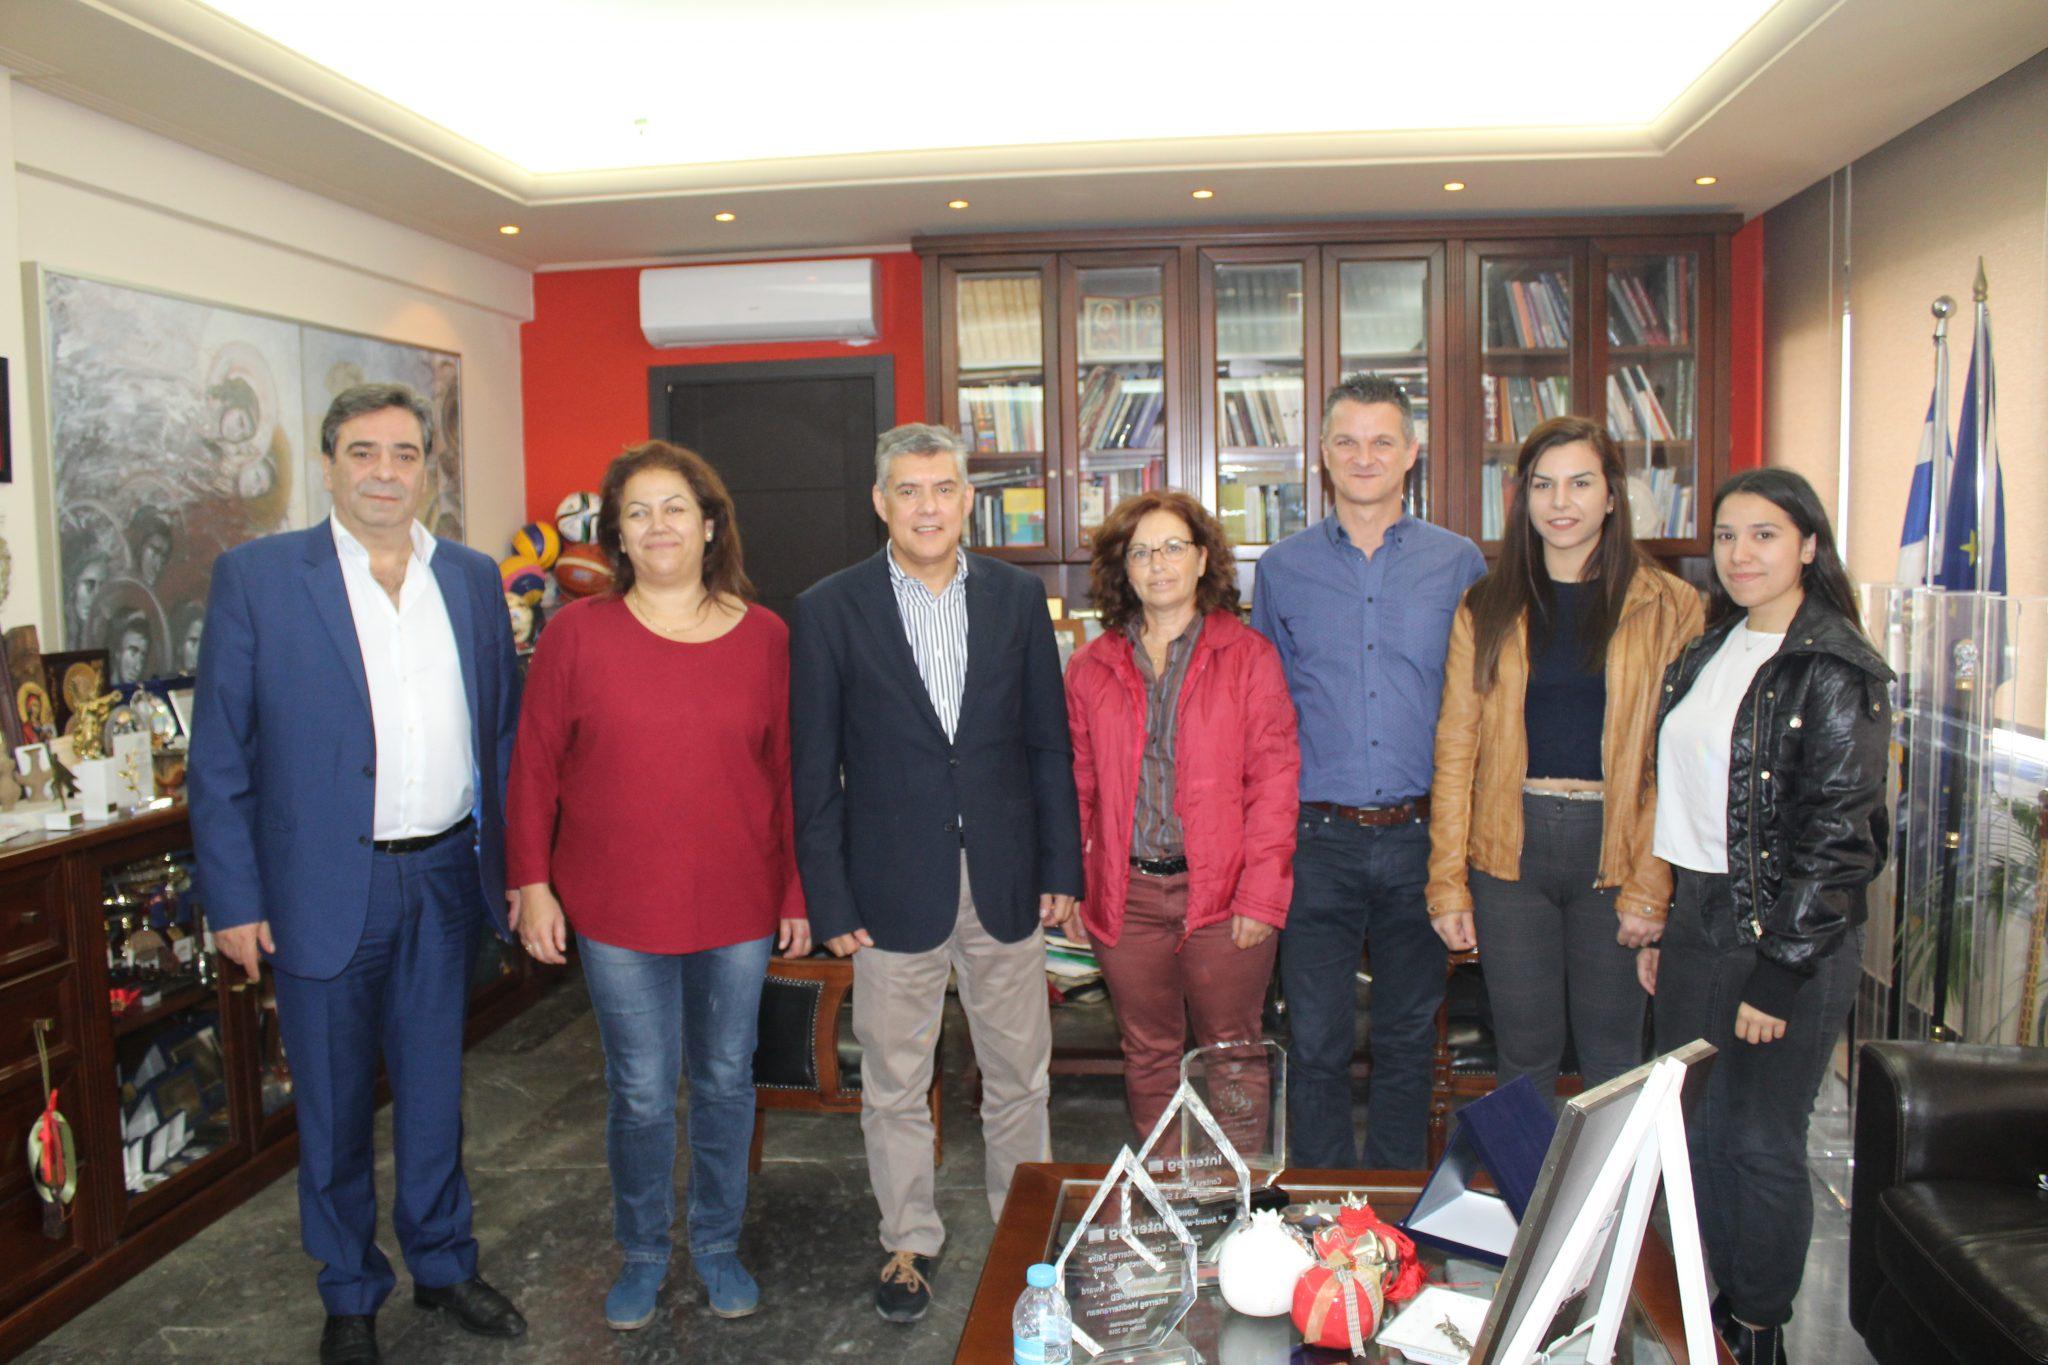 Συνάντηση του Περιφερειάρχη Θεσσαλίας με τον Πολιτιστικό Σύλλογο Μικρασιατών της Επαρχίας Φαρσάλων